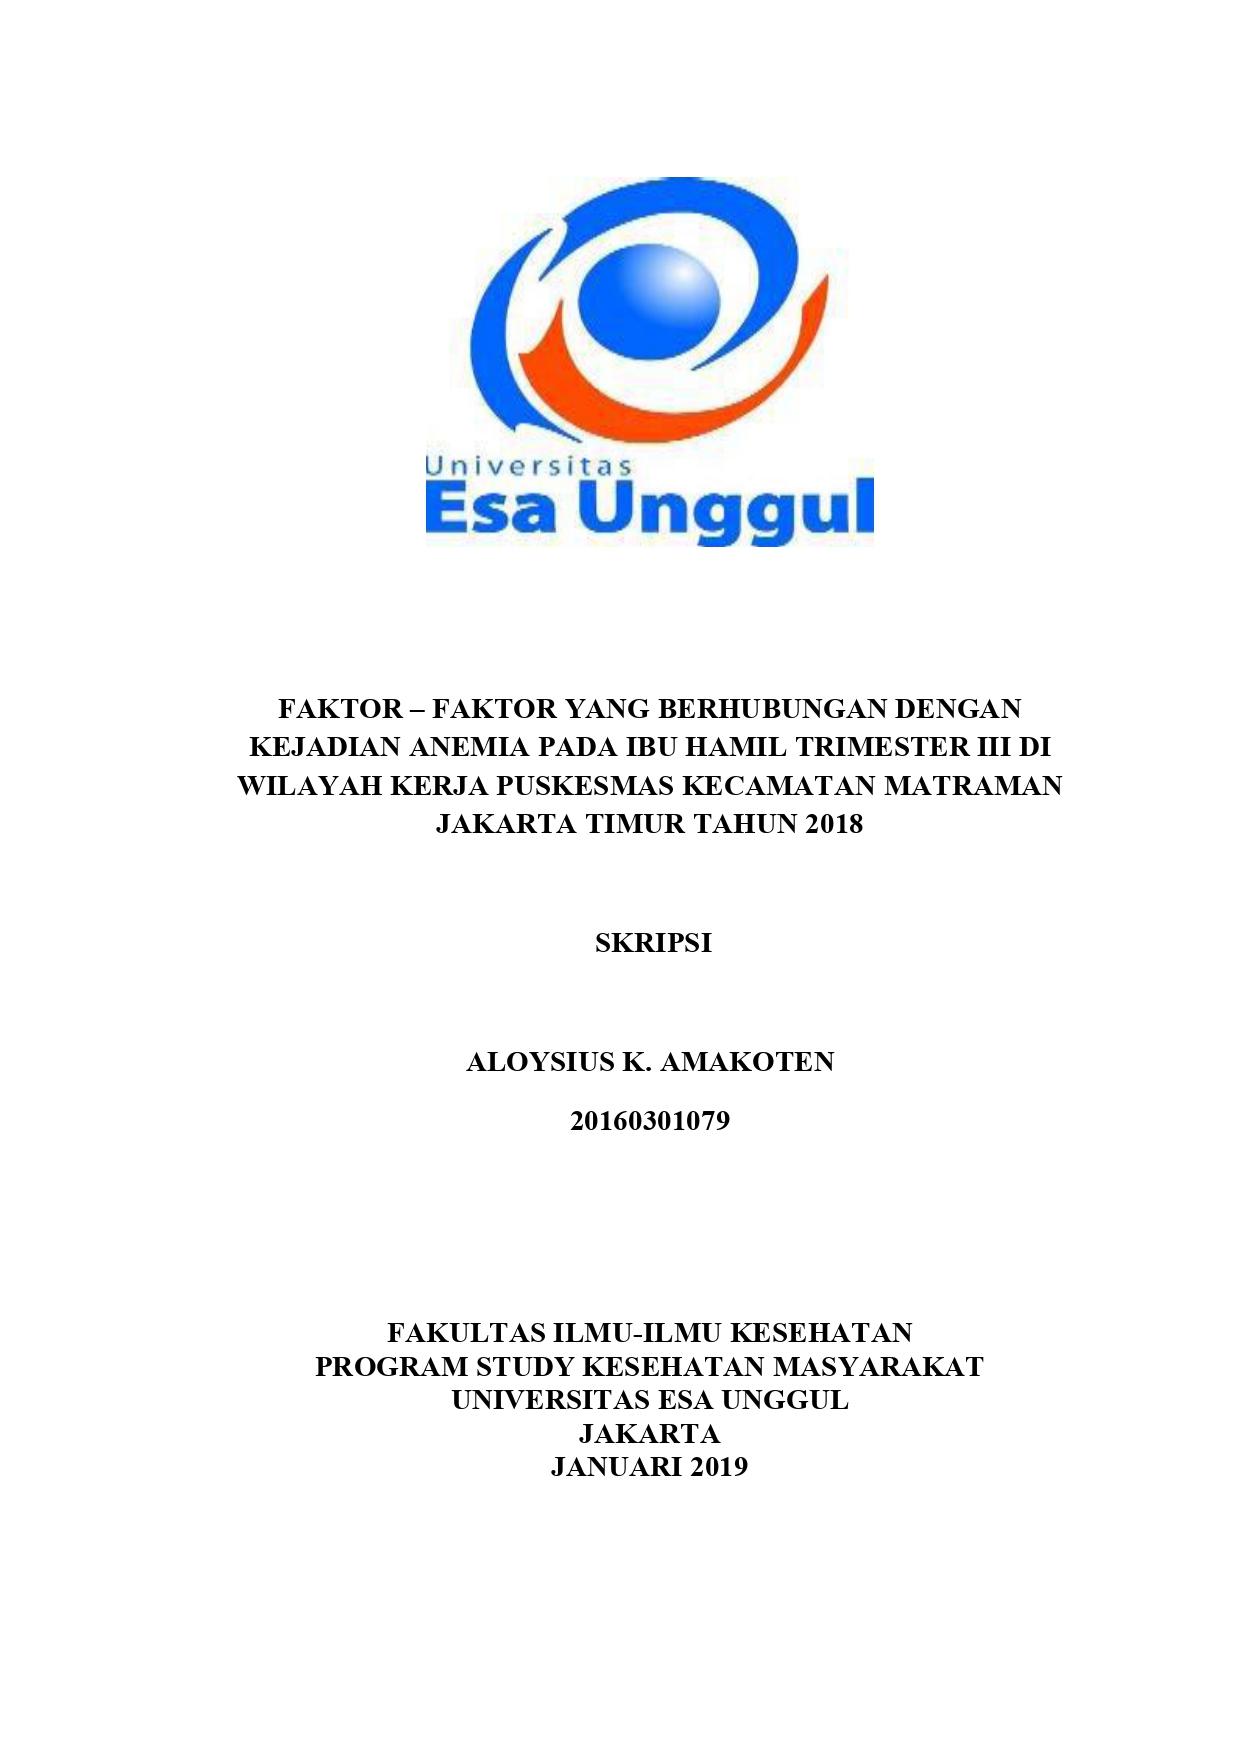 Faktor – Faktor Yang Berhubungan Dengan Kejadian Anemia Pada Ibu Hamil Trimester III di Wilayah Kerja Puskesmas Kecamatan Jakarta Timur Tahun 2018